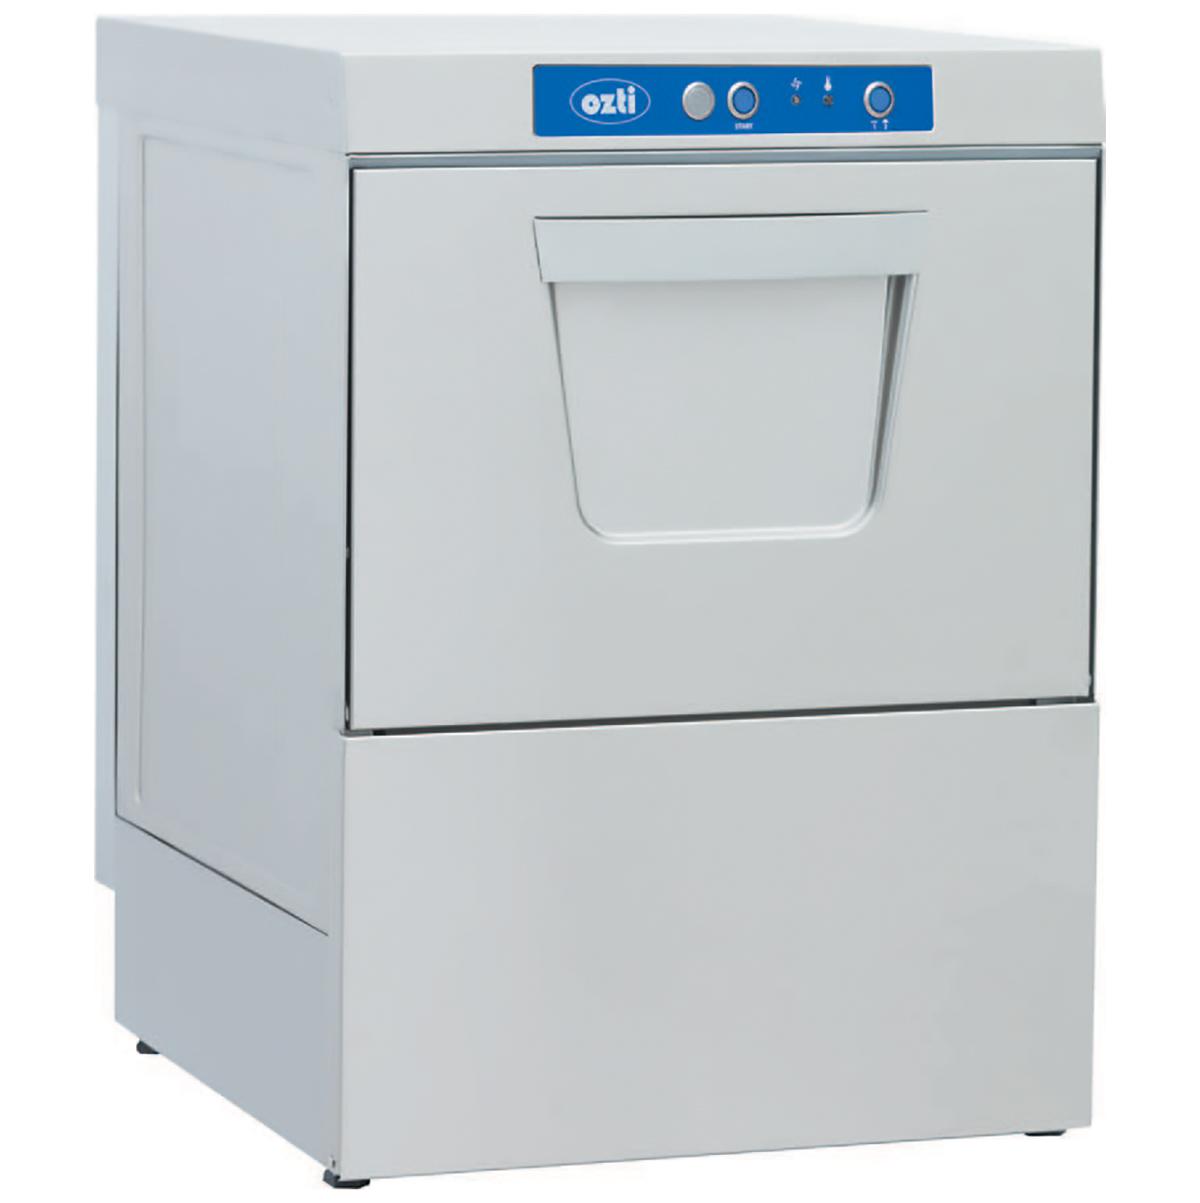 Tezgah Altı Bulaşık Makinesi